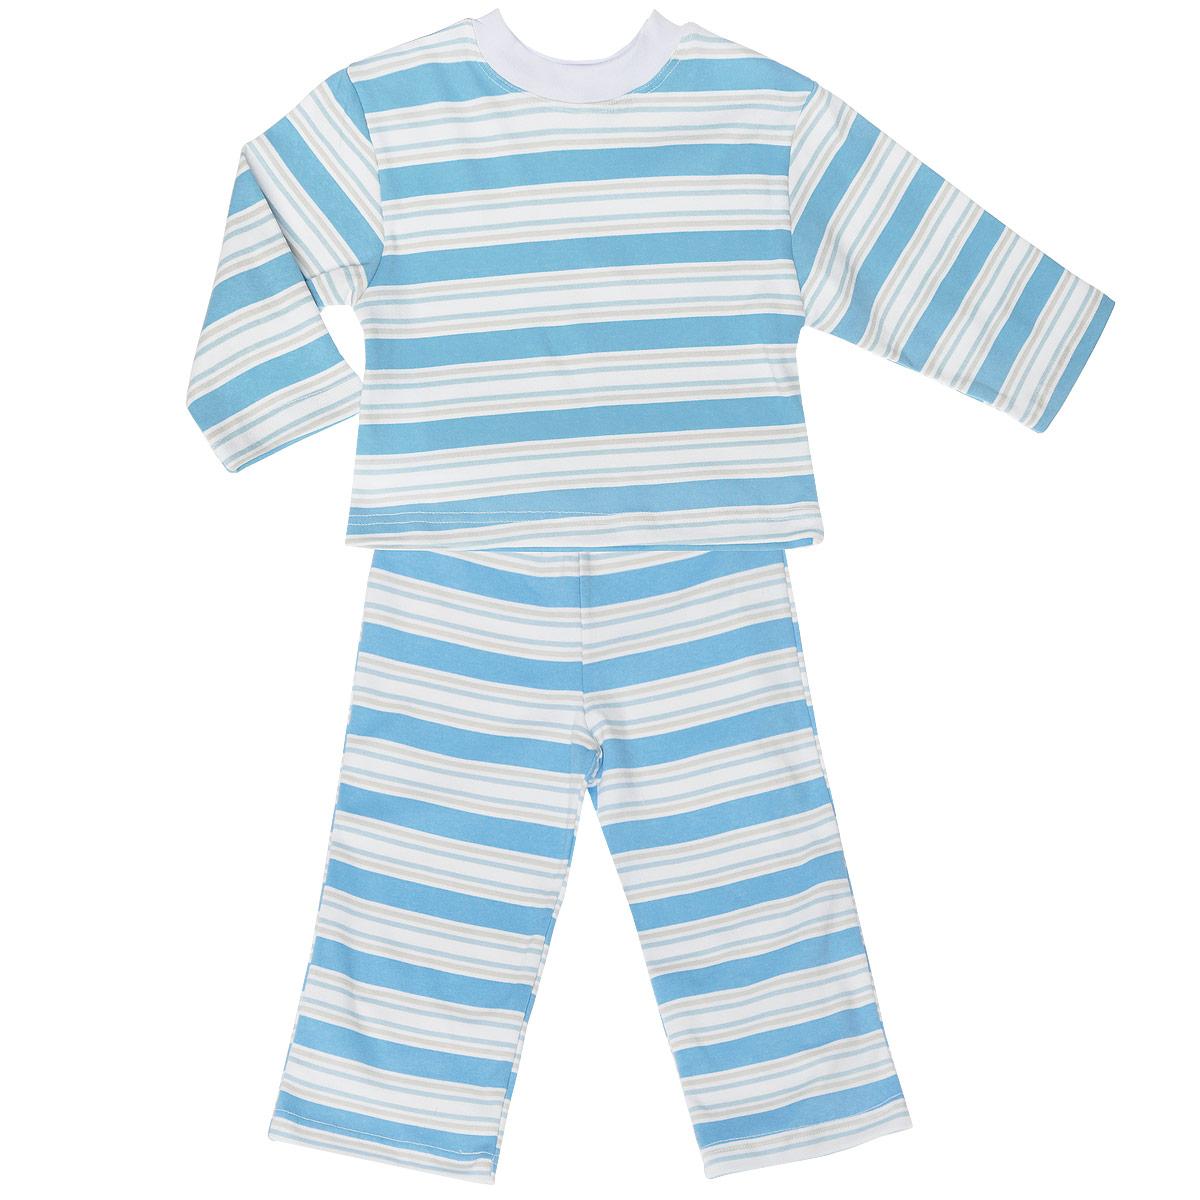 Пижама детская. 5584_полоска5584_полоскаУютная детская пижама Трон-плюс, состоящая из джемпера и брюк, идеально подойдет вашему ребенку и станет отличным дополнением к детскому гардеробу. Изготовленная из натурального хлопка, она необычайно мягкая и легкая, не сковывает движения, позволяет коже дышать и не раздражает даже самую нежную и чувствительную кожу ребенка. Джемпер с длинными рукавами и круглым вырезом горловины оформлен принтом в полоску. Вырез горловины дополнен трикотажной эластичной резинкой. Брюки на талии имеют эластичную резинку, благодаря чему не сдавливают живот ребенка и не сползают. Оформлены брючки также принтом в полоску. В такой пижаме ваш ребенок будет чувствовать себя комфортно и уютно во время сна.